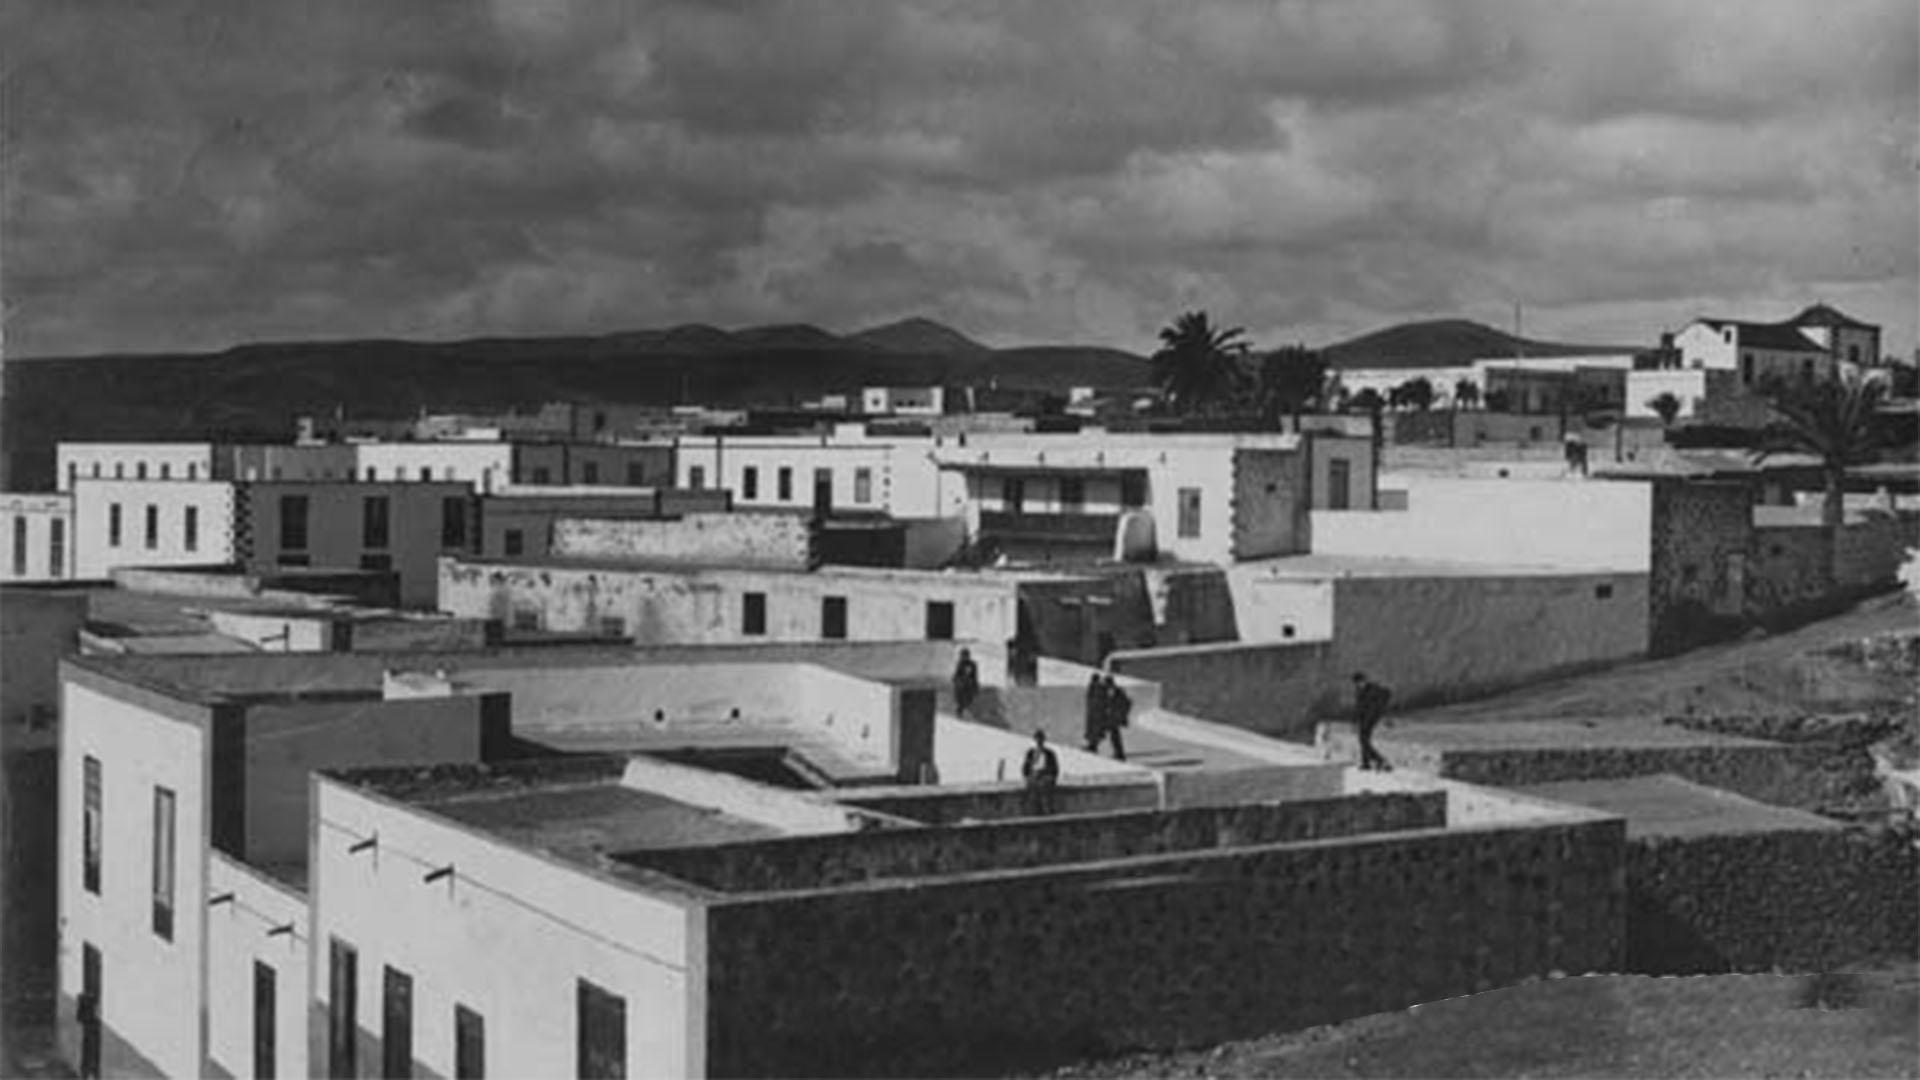 Der Puerto de Cabras Fuerteventura: Die Hauptstadt im Jahre 1925.